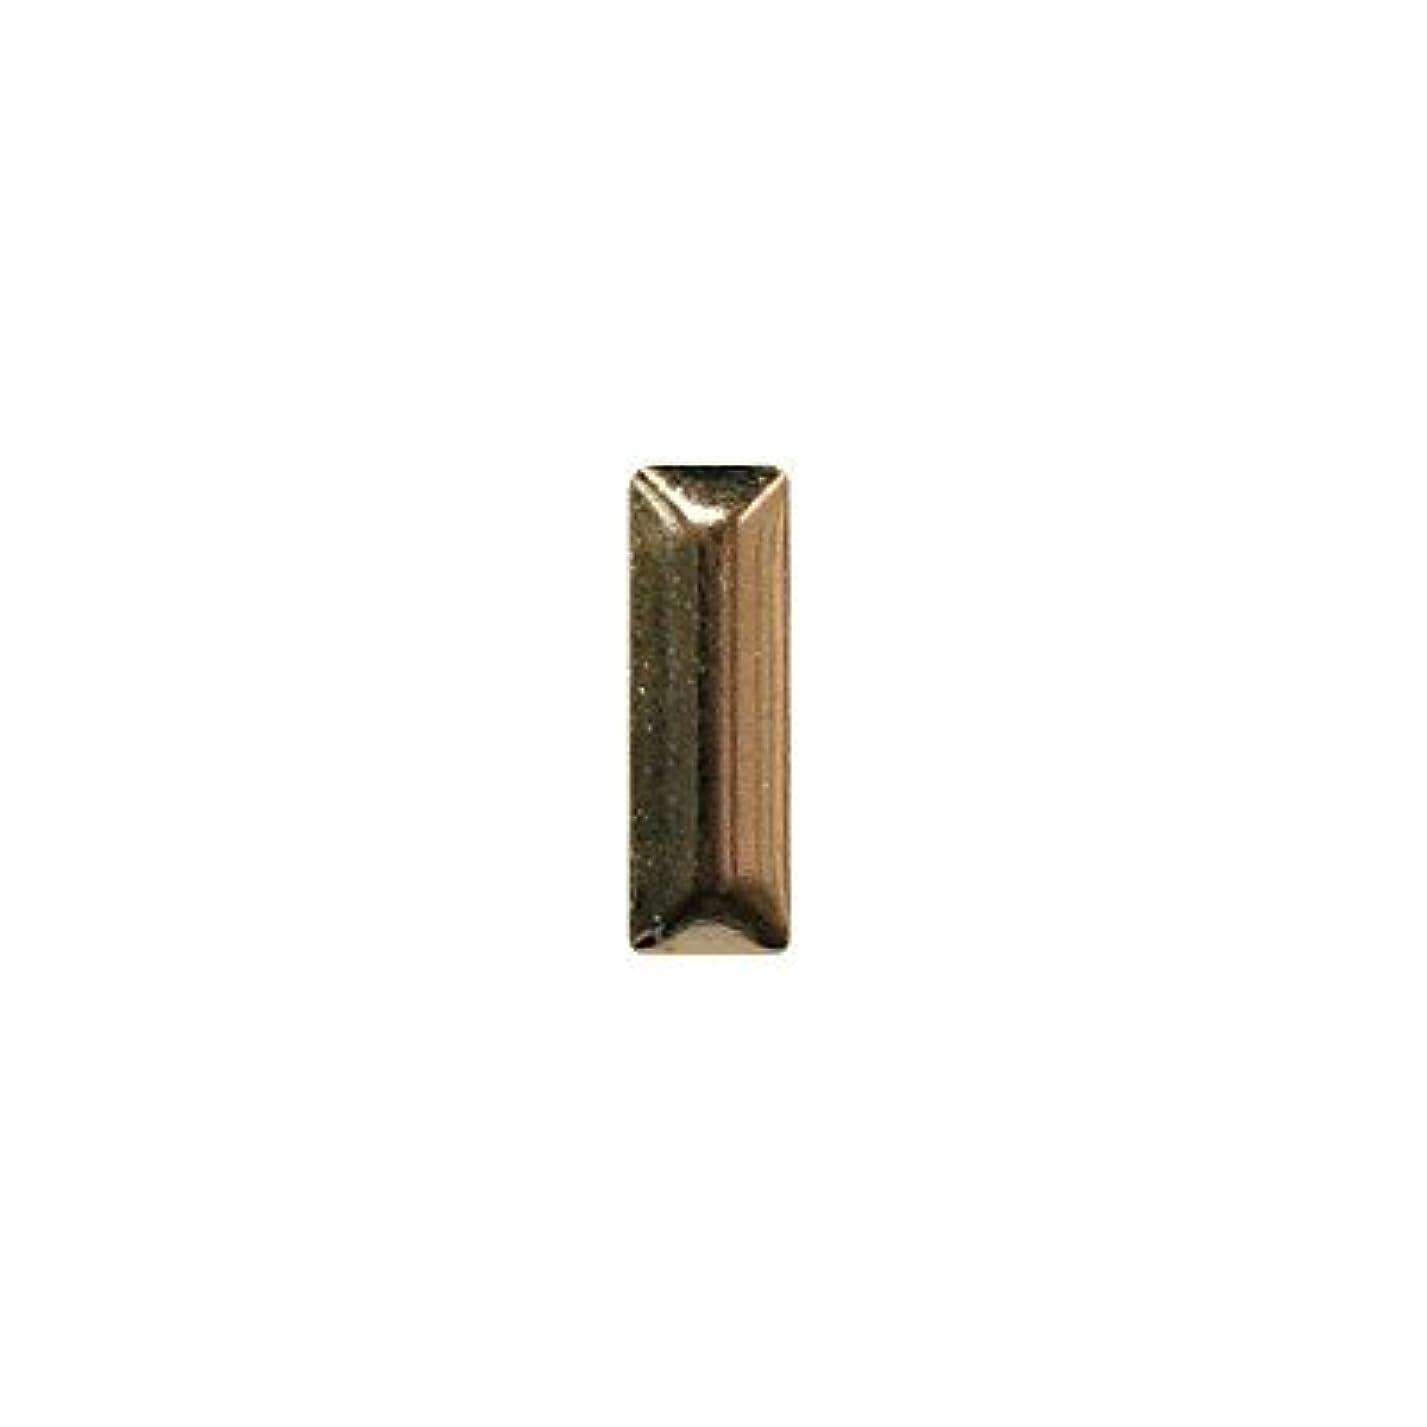 手配する大量ワイプピアドラ スタッズ メタル長方形 2×6mm 50P ゴールド